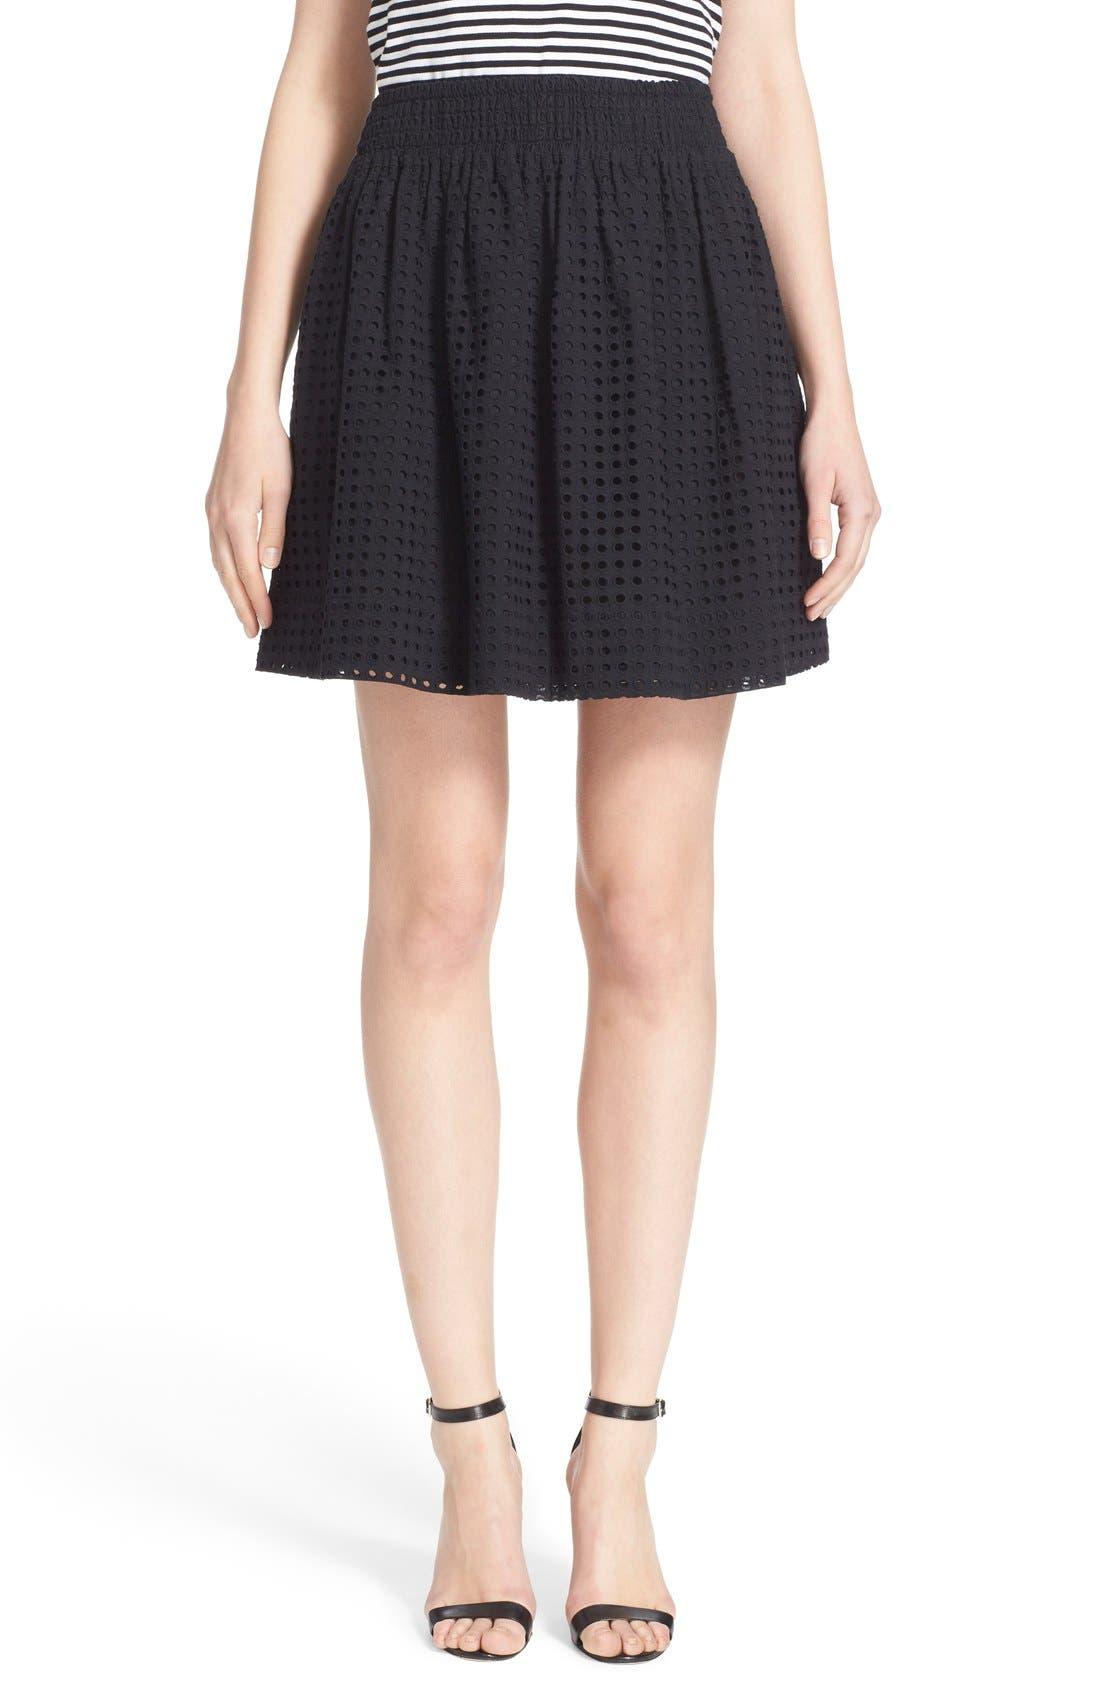 Alternate Image 1 Selected - kate spade new york 'blaire' eyelet miniskirt